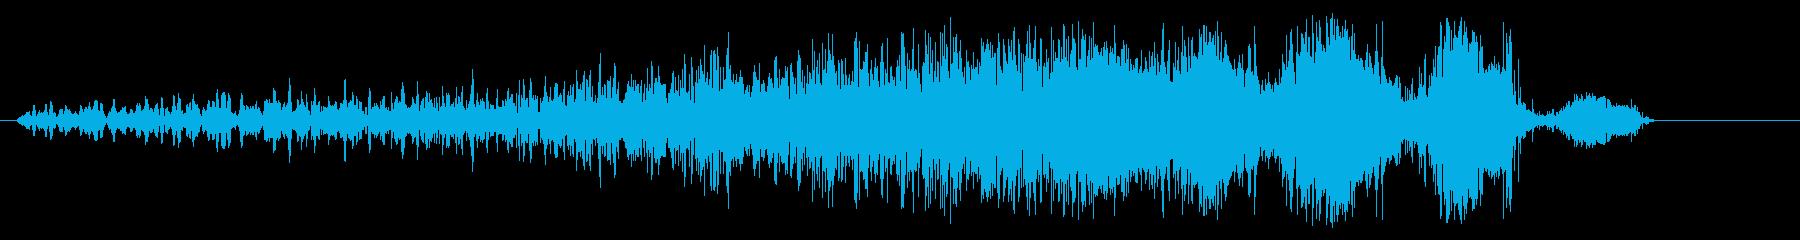 ギュルギュル(フェードイン)の再生済みの波形